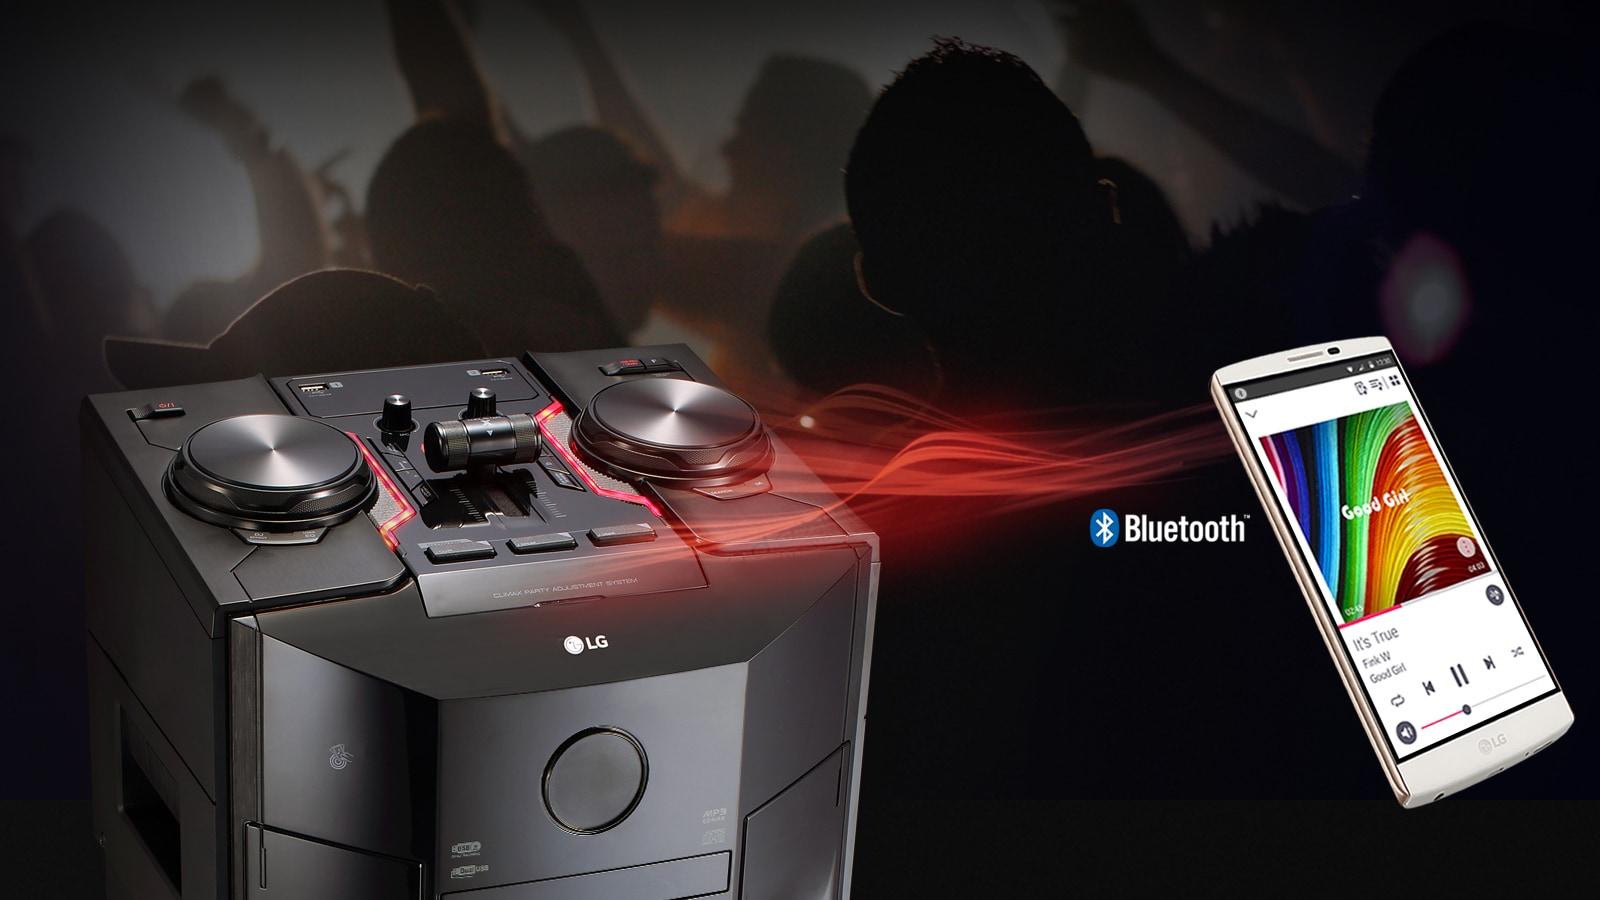 Автоматическое воспроизведение музыки